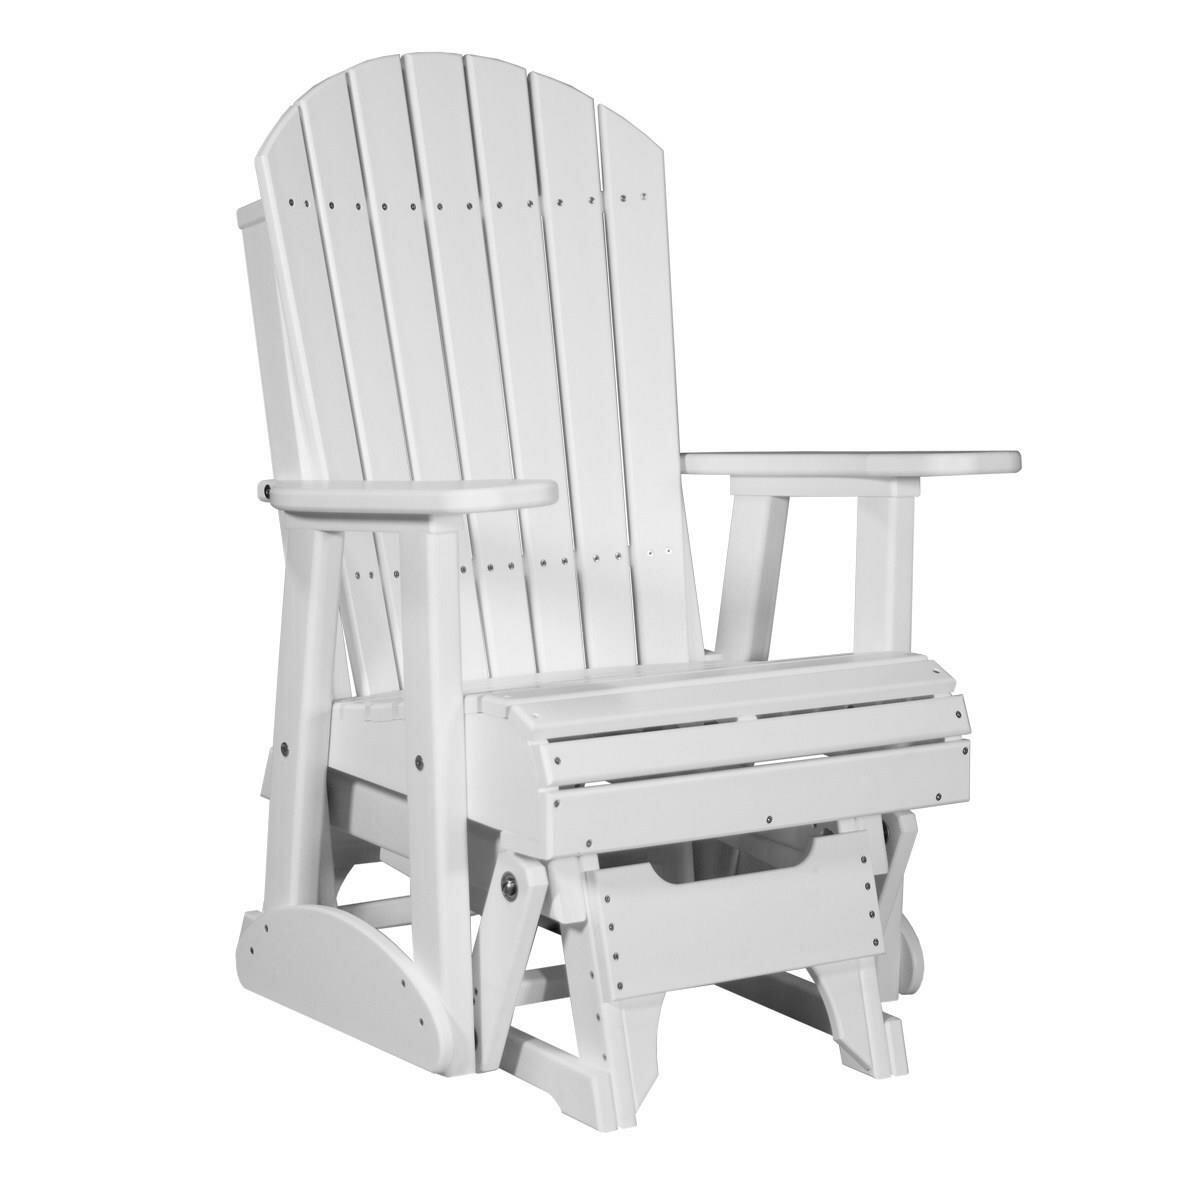 Gonsalve Adirondack Glider Chair